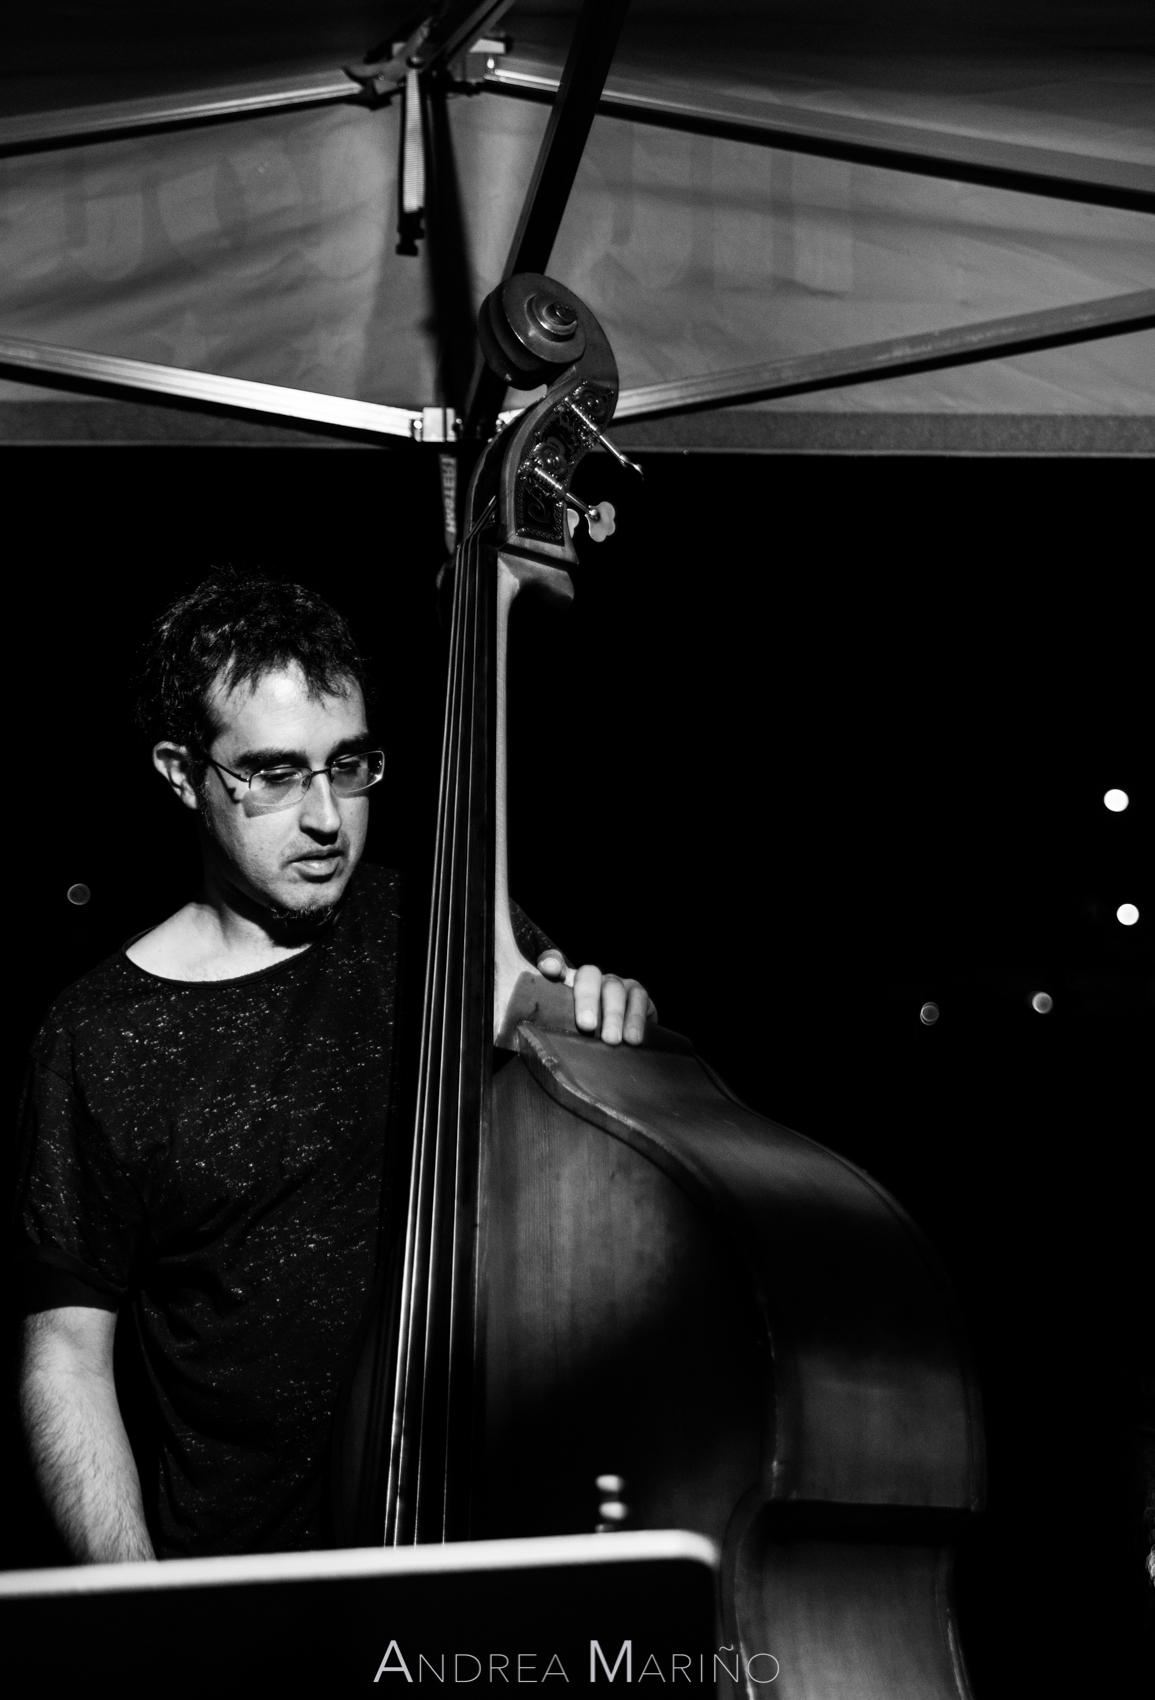 Andrea Mariño. Sunil López Trío. Nigránjazz. Nigrán. 29/7/17